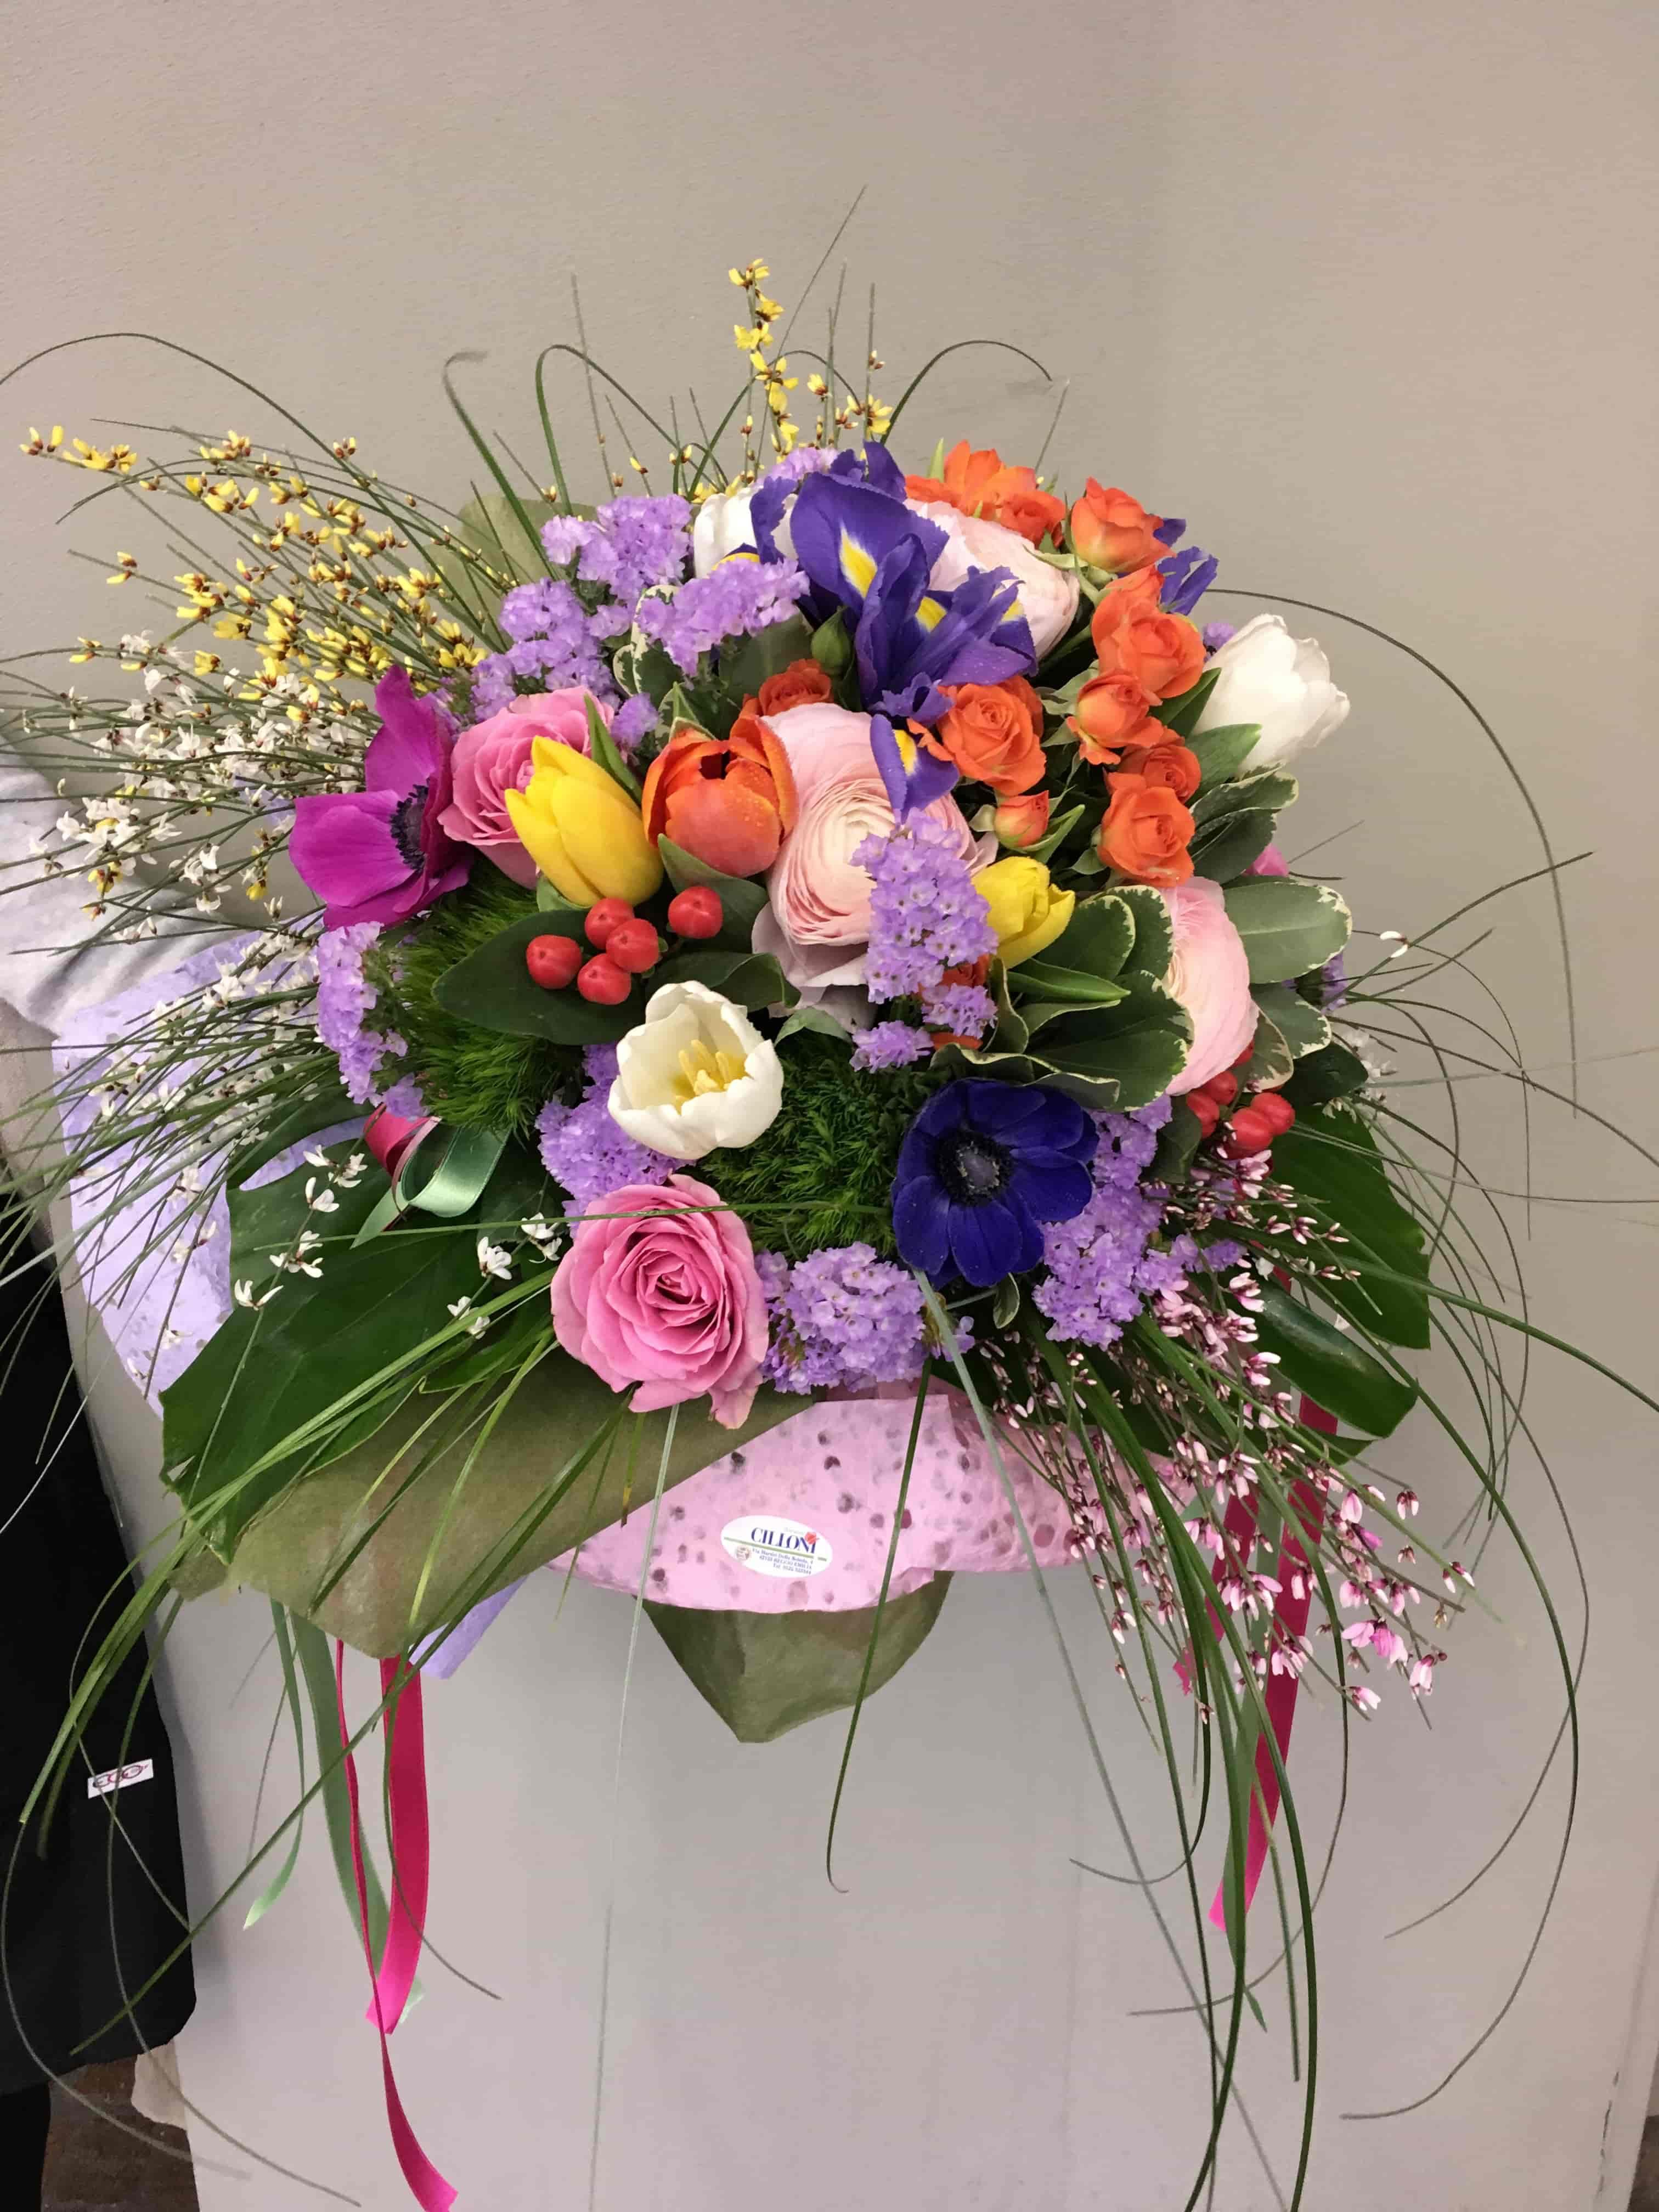 Maxi_bouquet